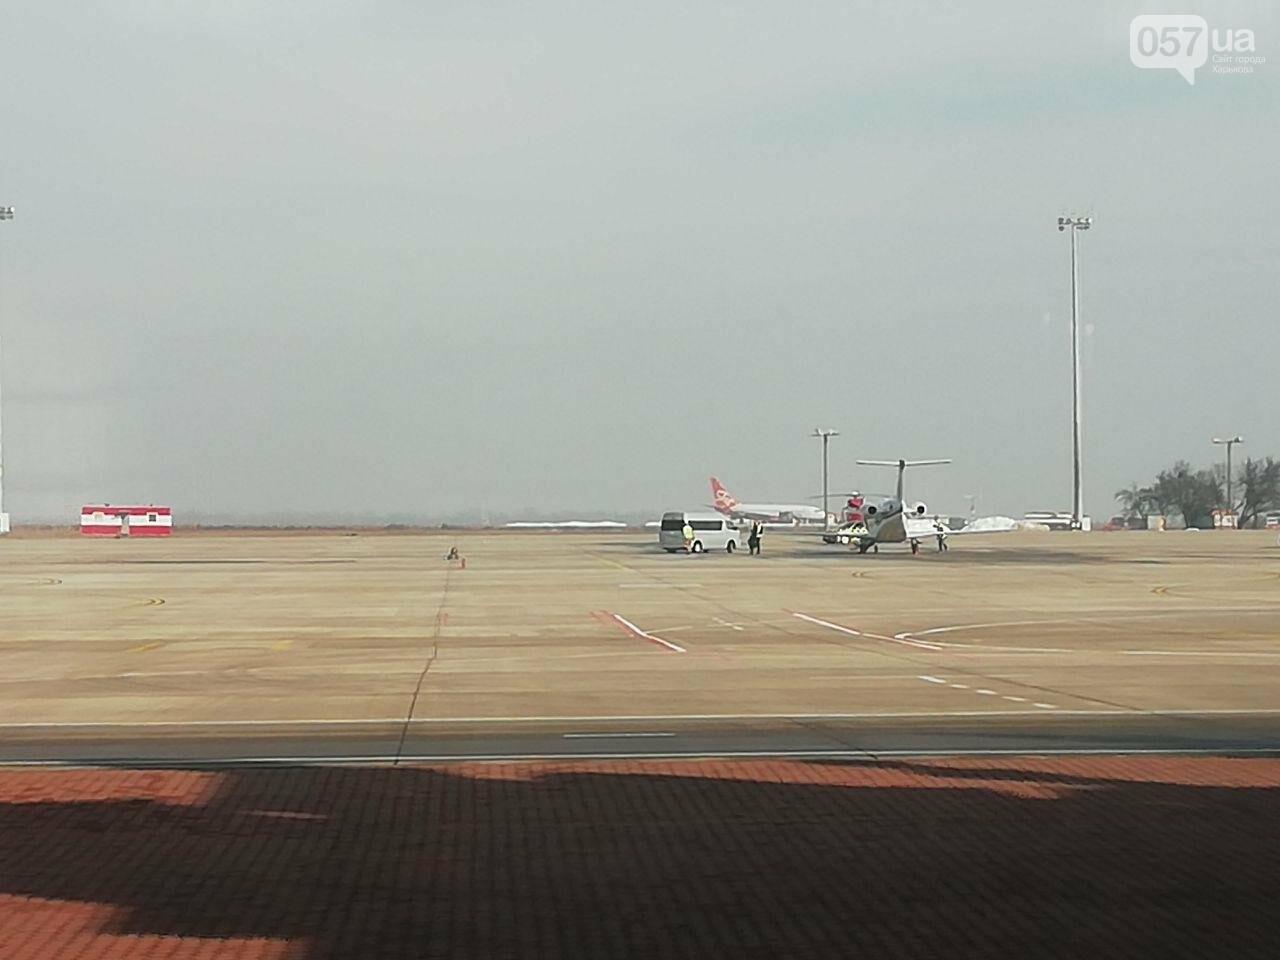 В харьковском аэропорту приземлился самолет с эвакуированными пассажирами из Китая, - ОНЛАЙН-ТРАНСЛЯЦИЯ, фото-11